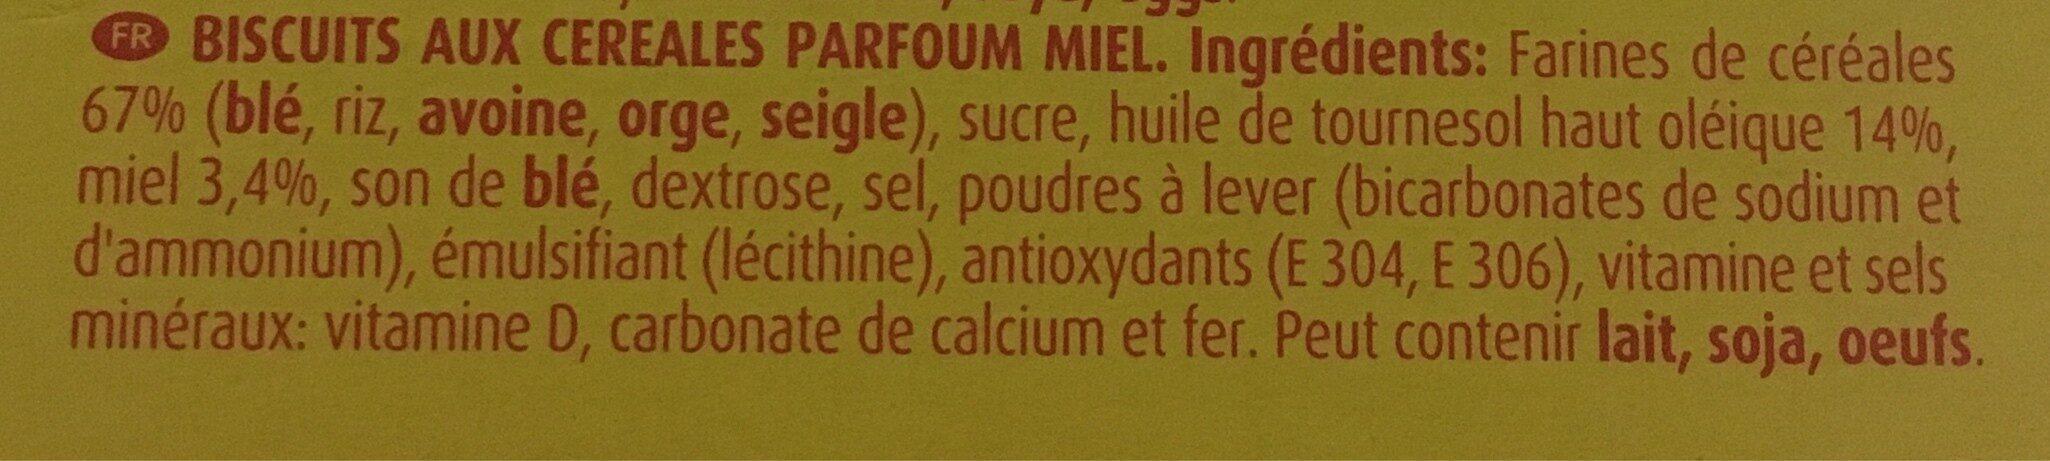 Chiquilin Biscuits aux céréales parfum miel - Ingredientes - fr